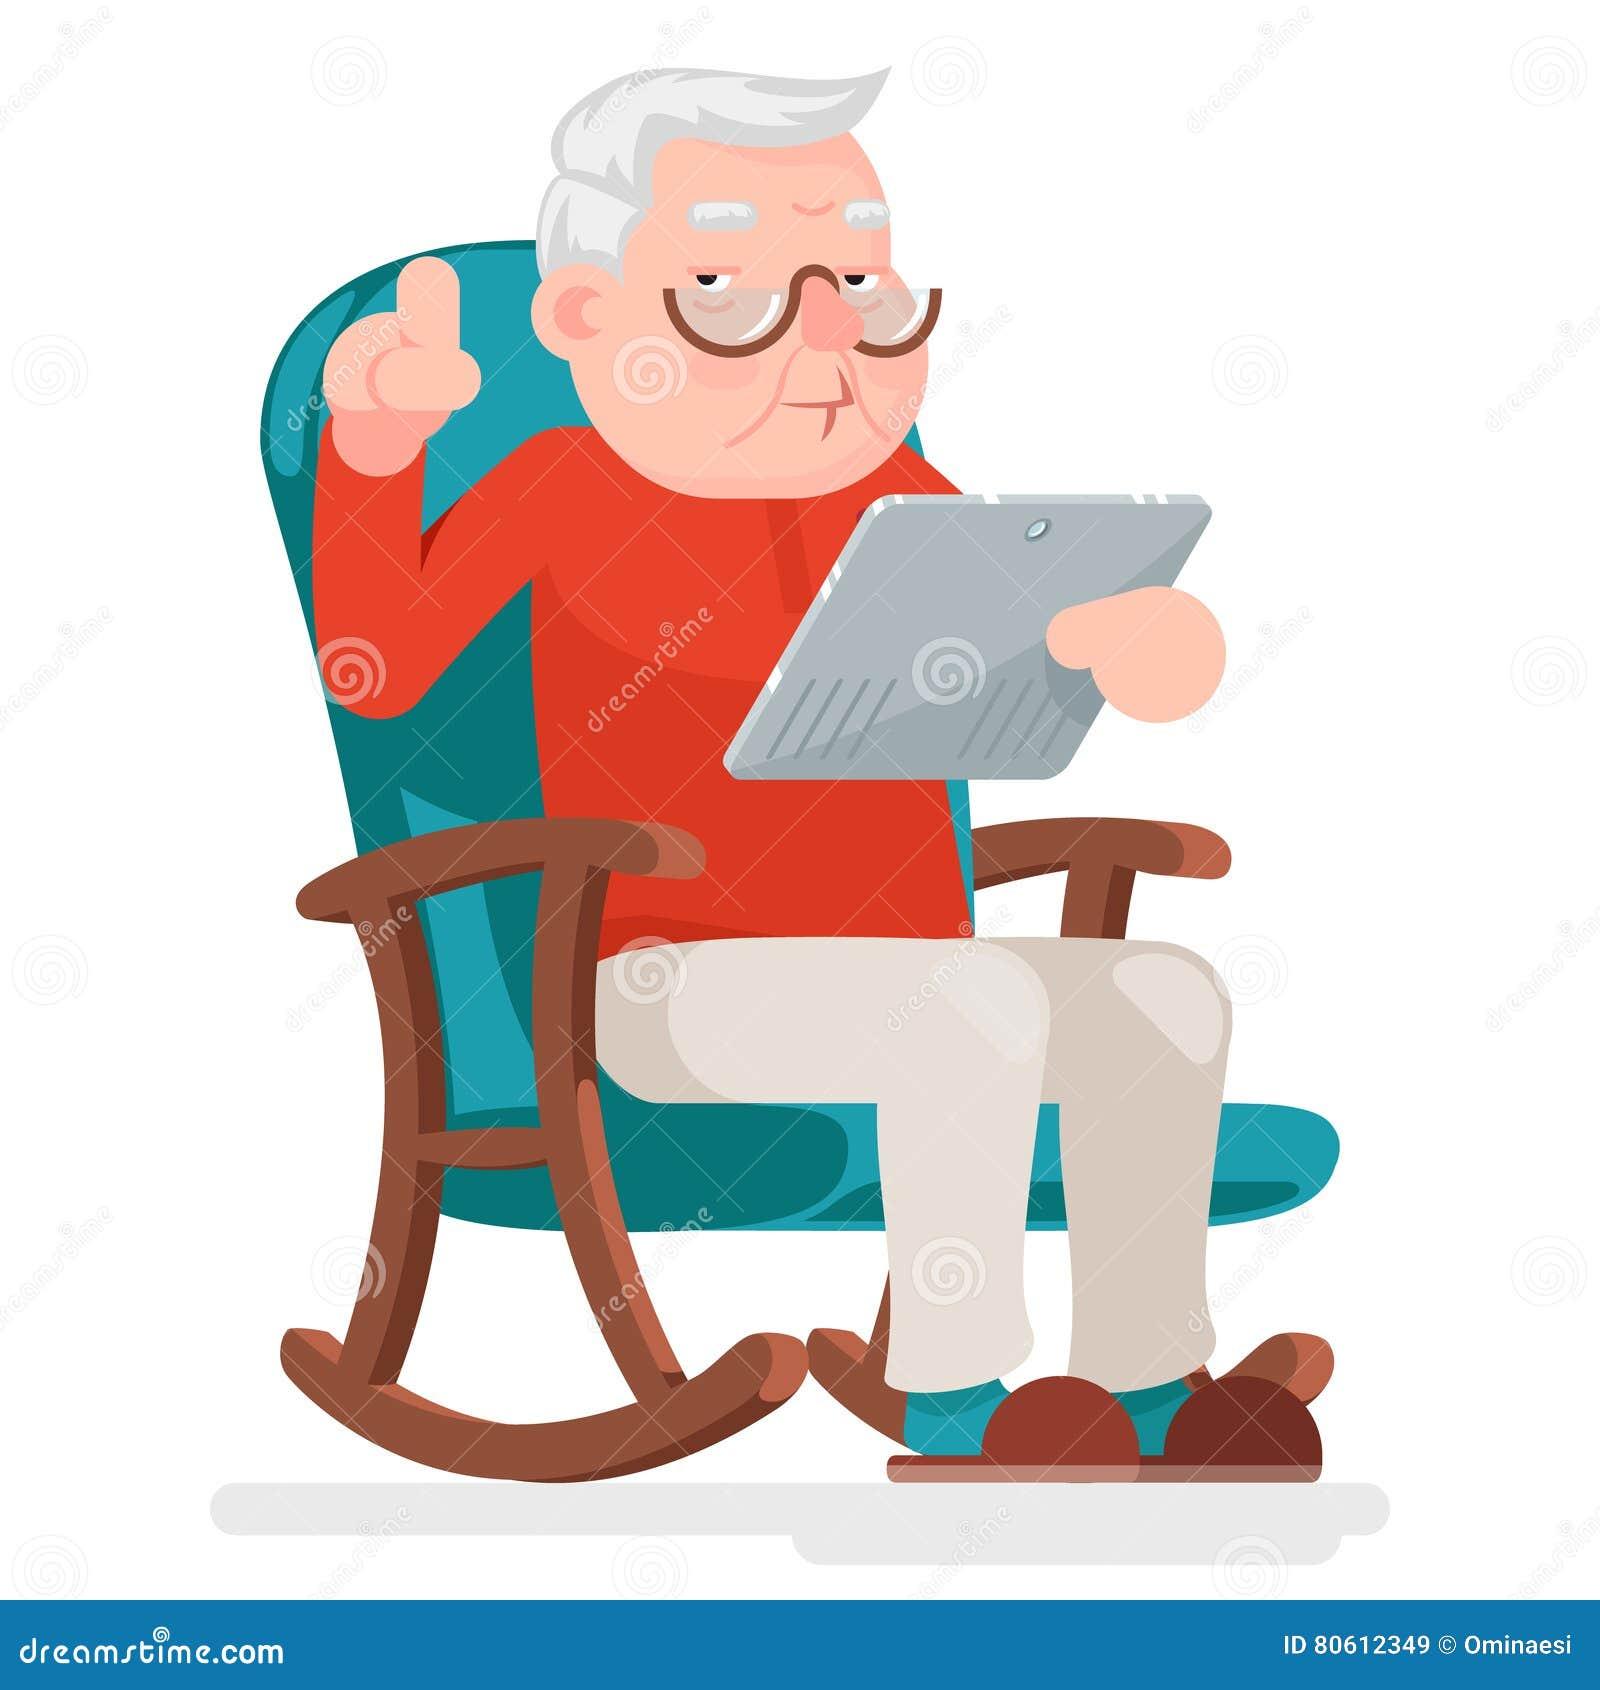 Netz, das on-line-Einkaufsalter Mann-Charakter-Sit Adult Icon Cartoon Design-Vektor-Illustration surft